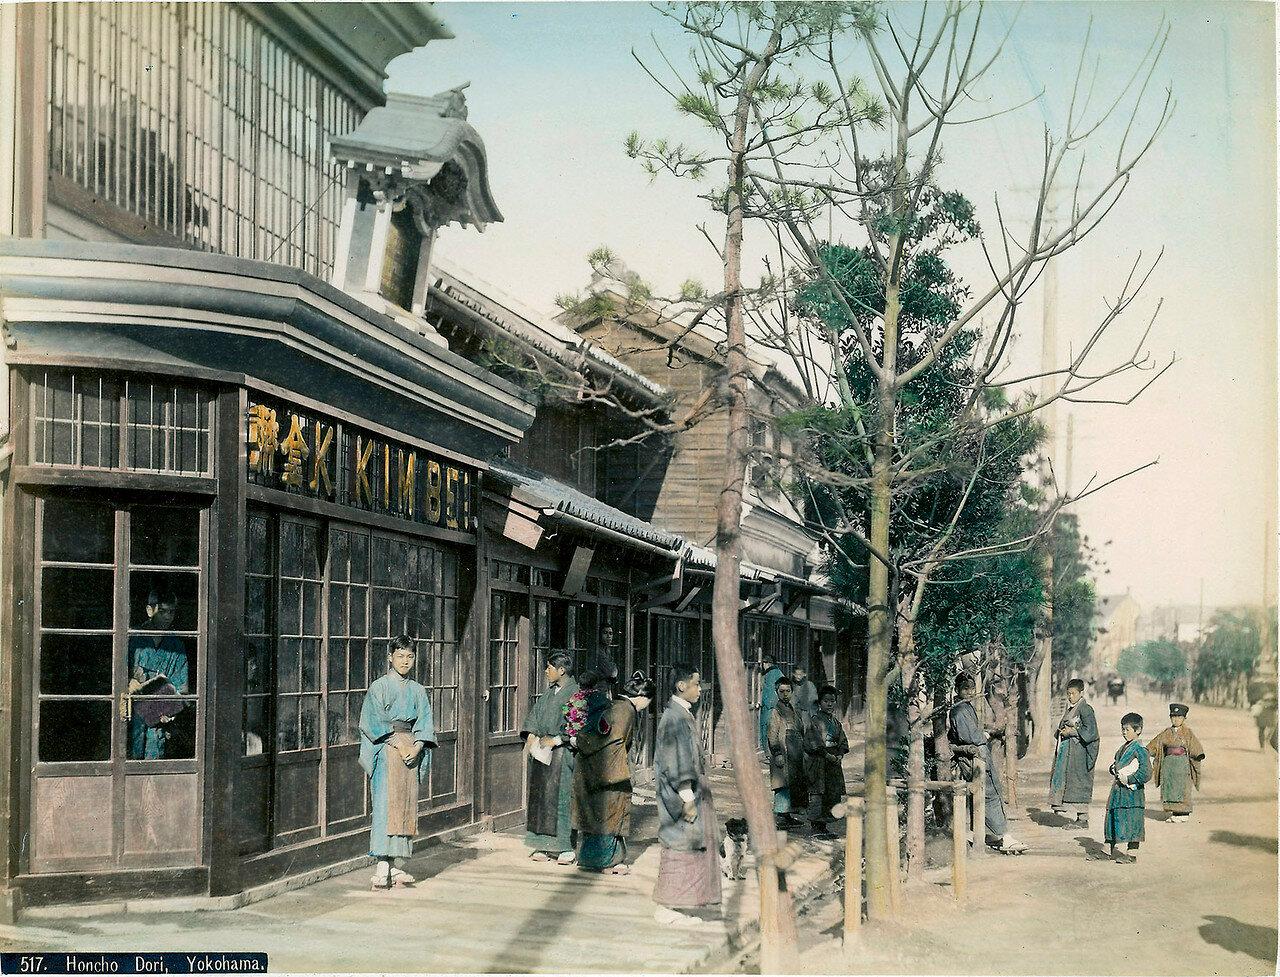 Иокогама. Хонтё Дори